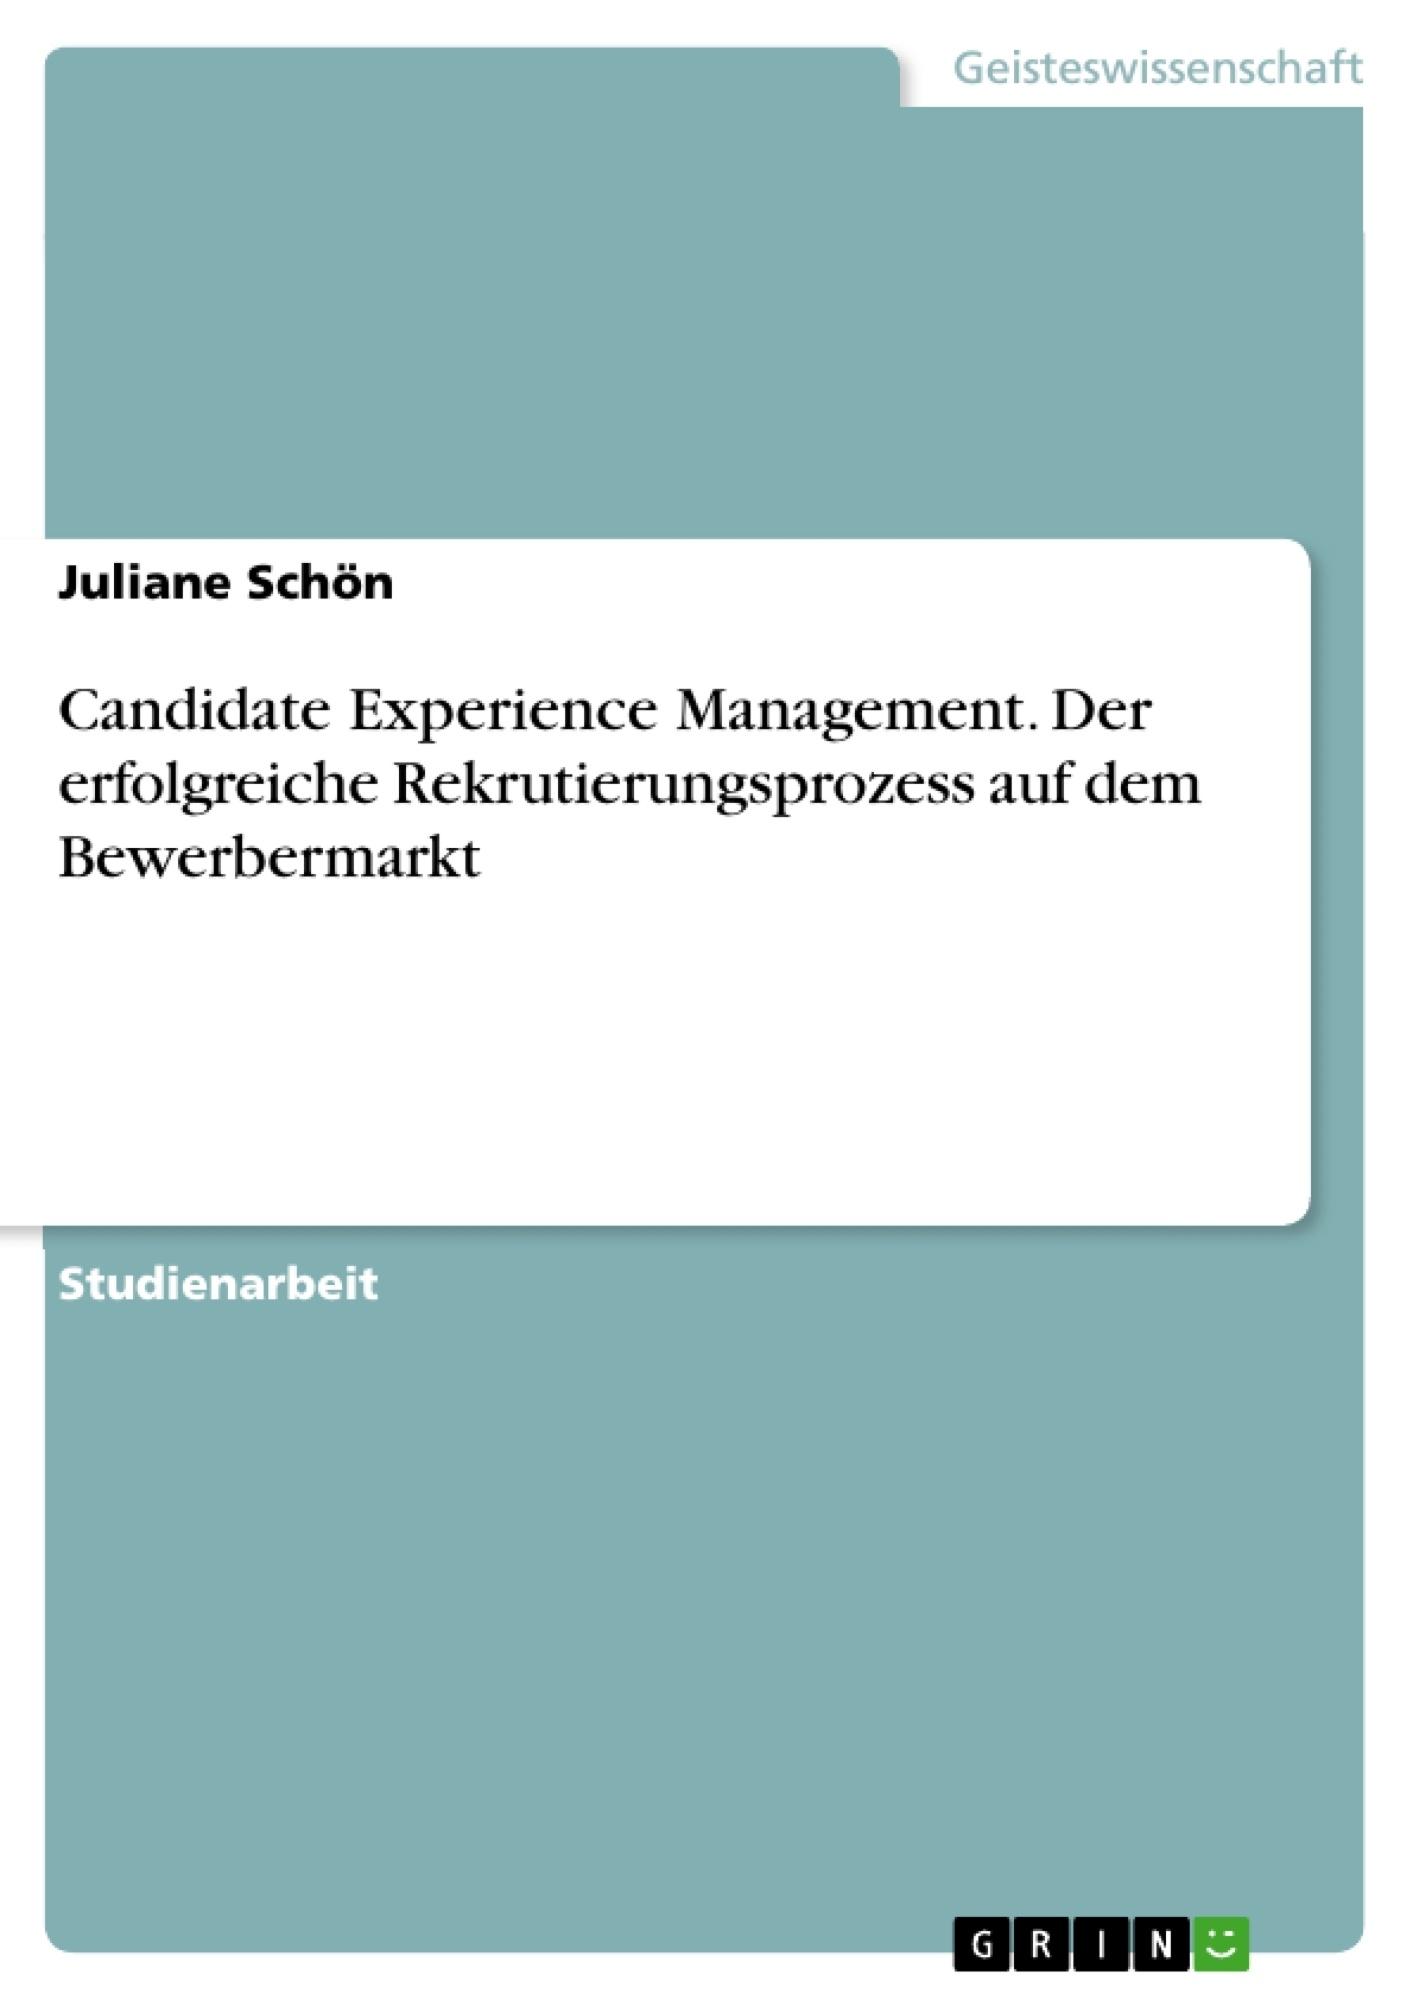 Titel: Candidate Experience Management. Der erfolgreiche Rekrutierungsprozess auf dem Bewerbermarkt